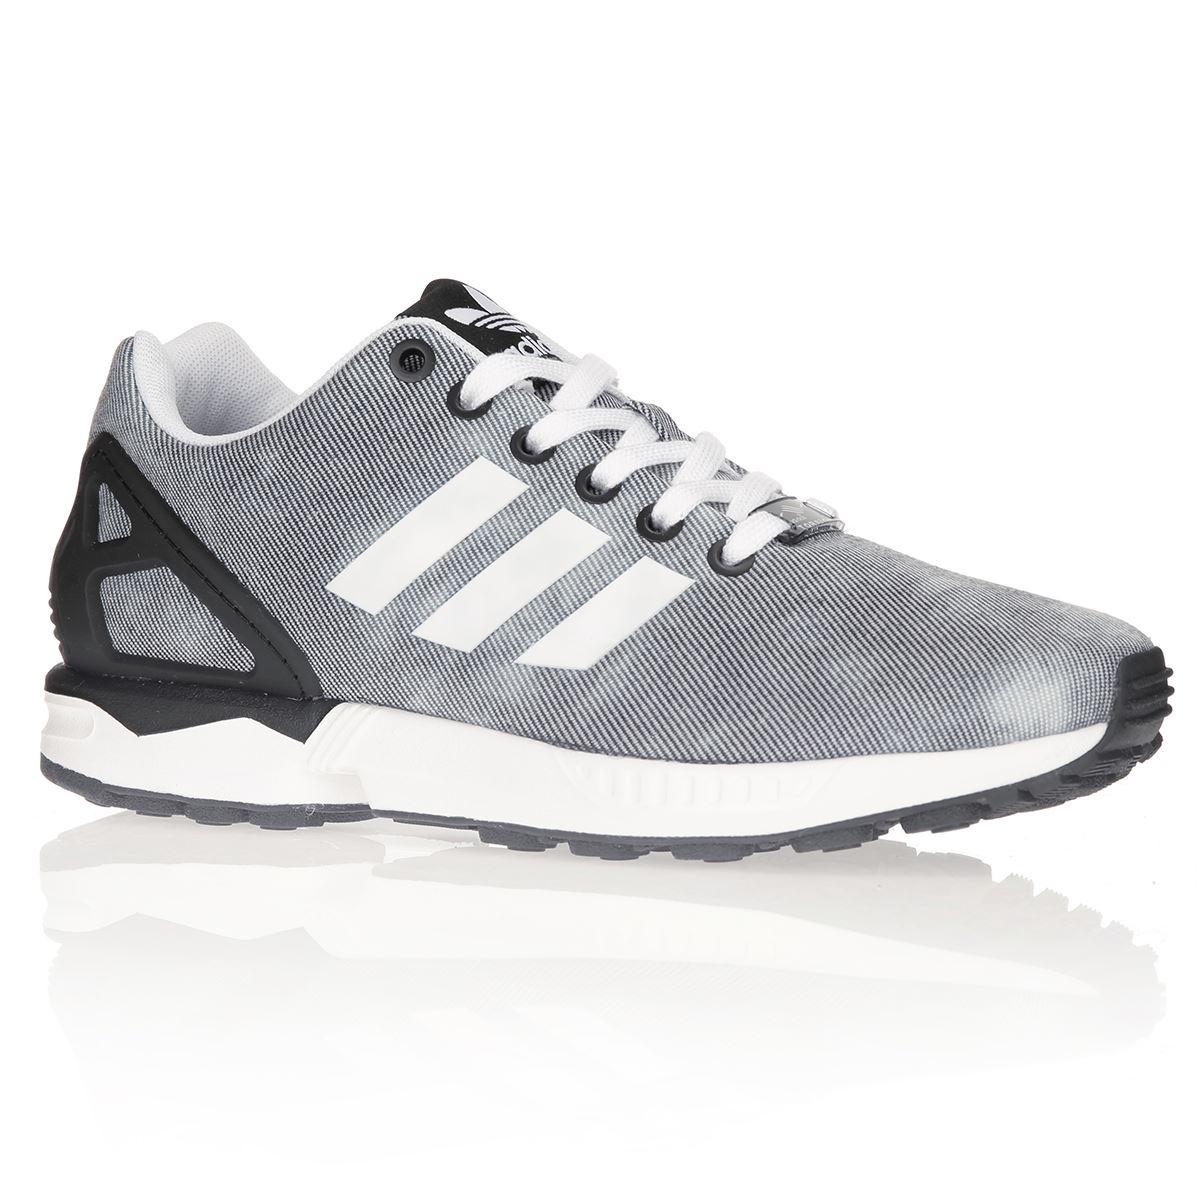 Chaussure adidas zx flux gris Achat Vente pas cher